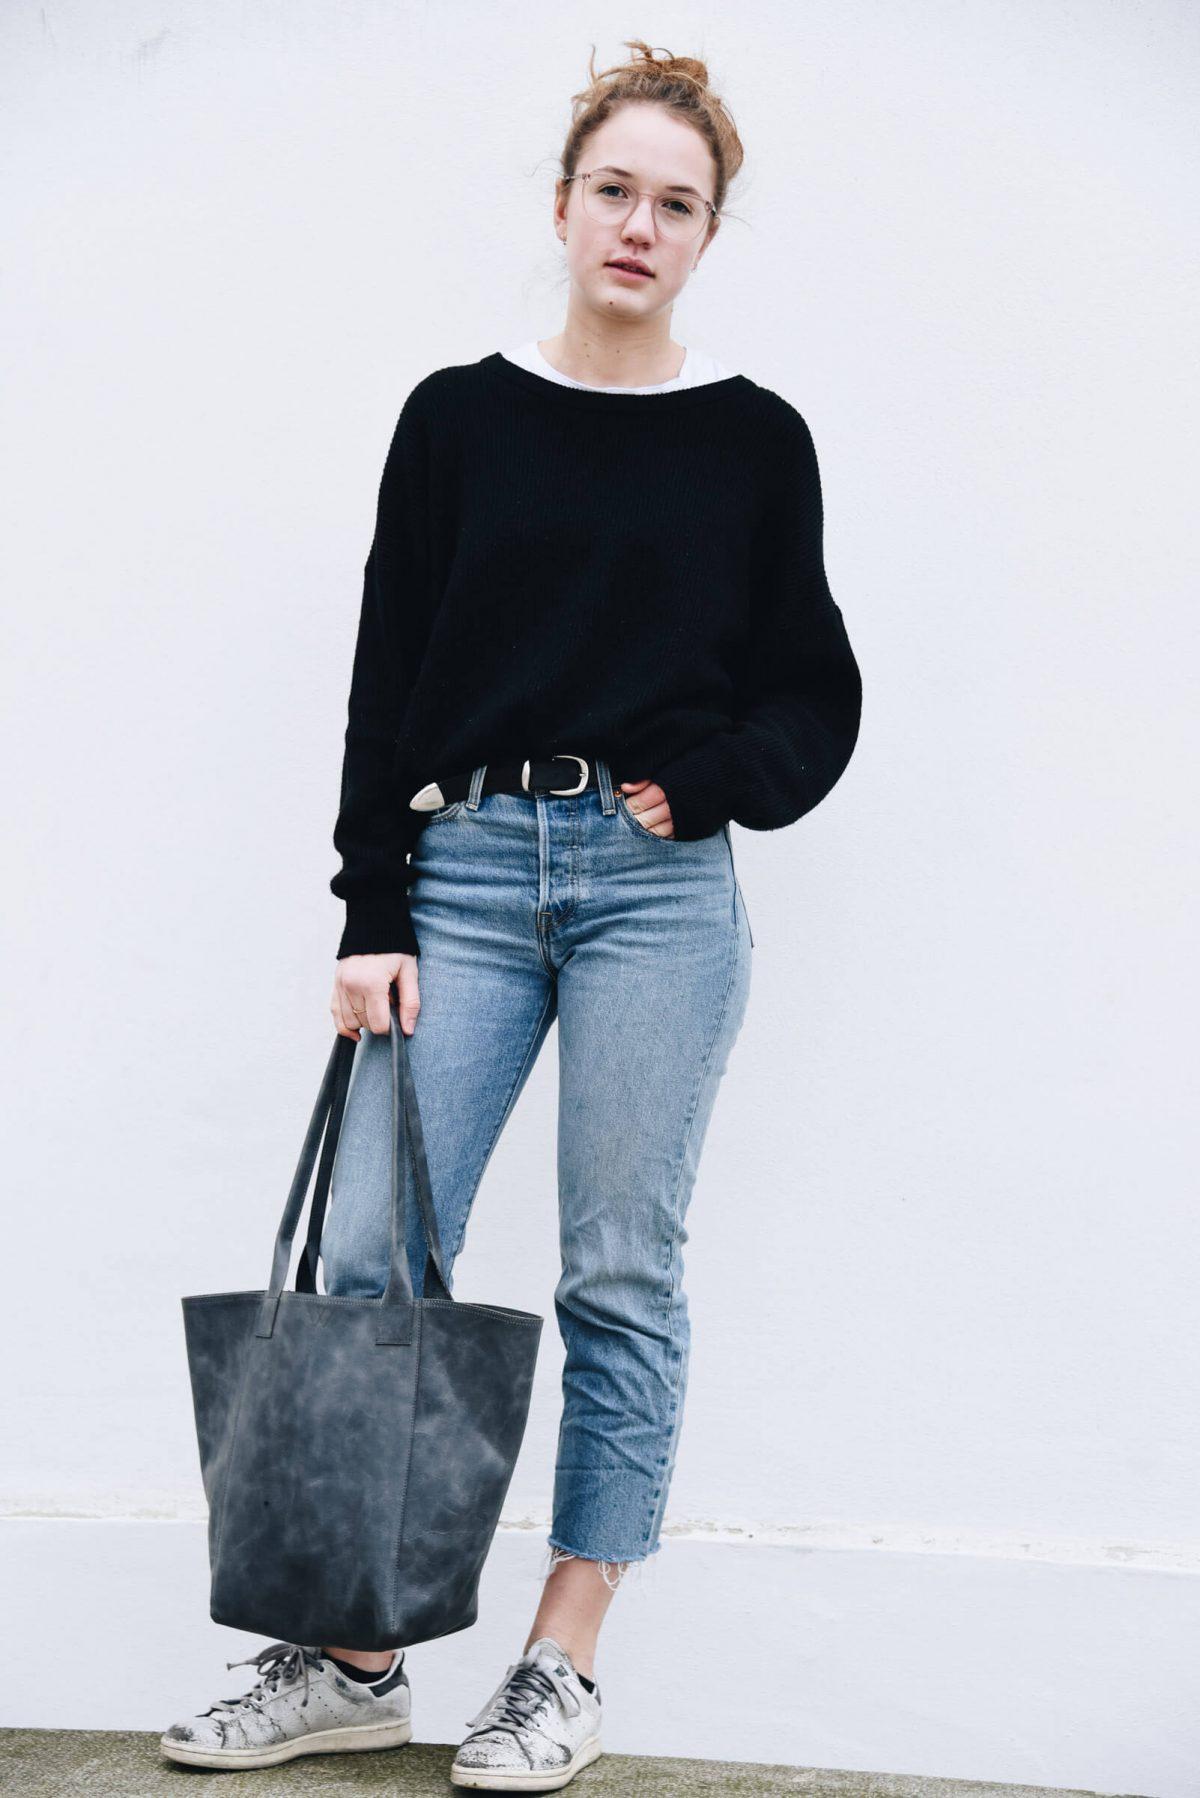 Outfit | Streetstyle | Streetwear | Tasche | Made in Germany | Ledertasche | Handtasche | Arbeiten | Unitasche | Tasche aus Leder | schlicht | elegant | chic | Damen | Handtasche Leder | Handtasche kaufen | blau | Blaugrau | hochwertig | gute Qualität